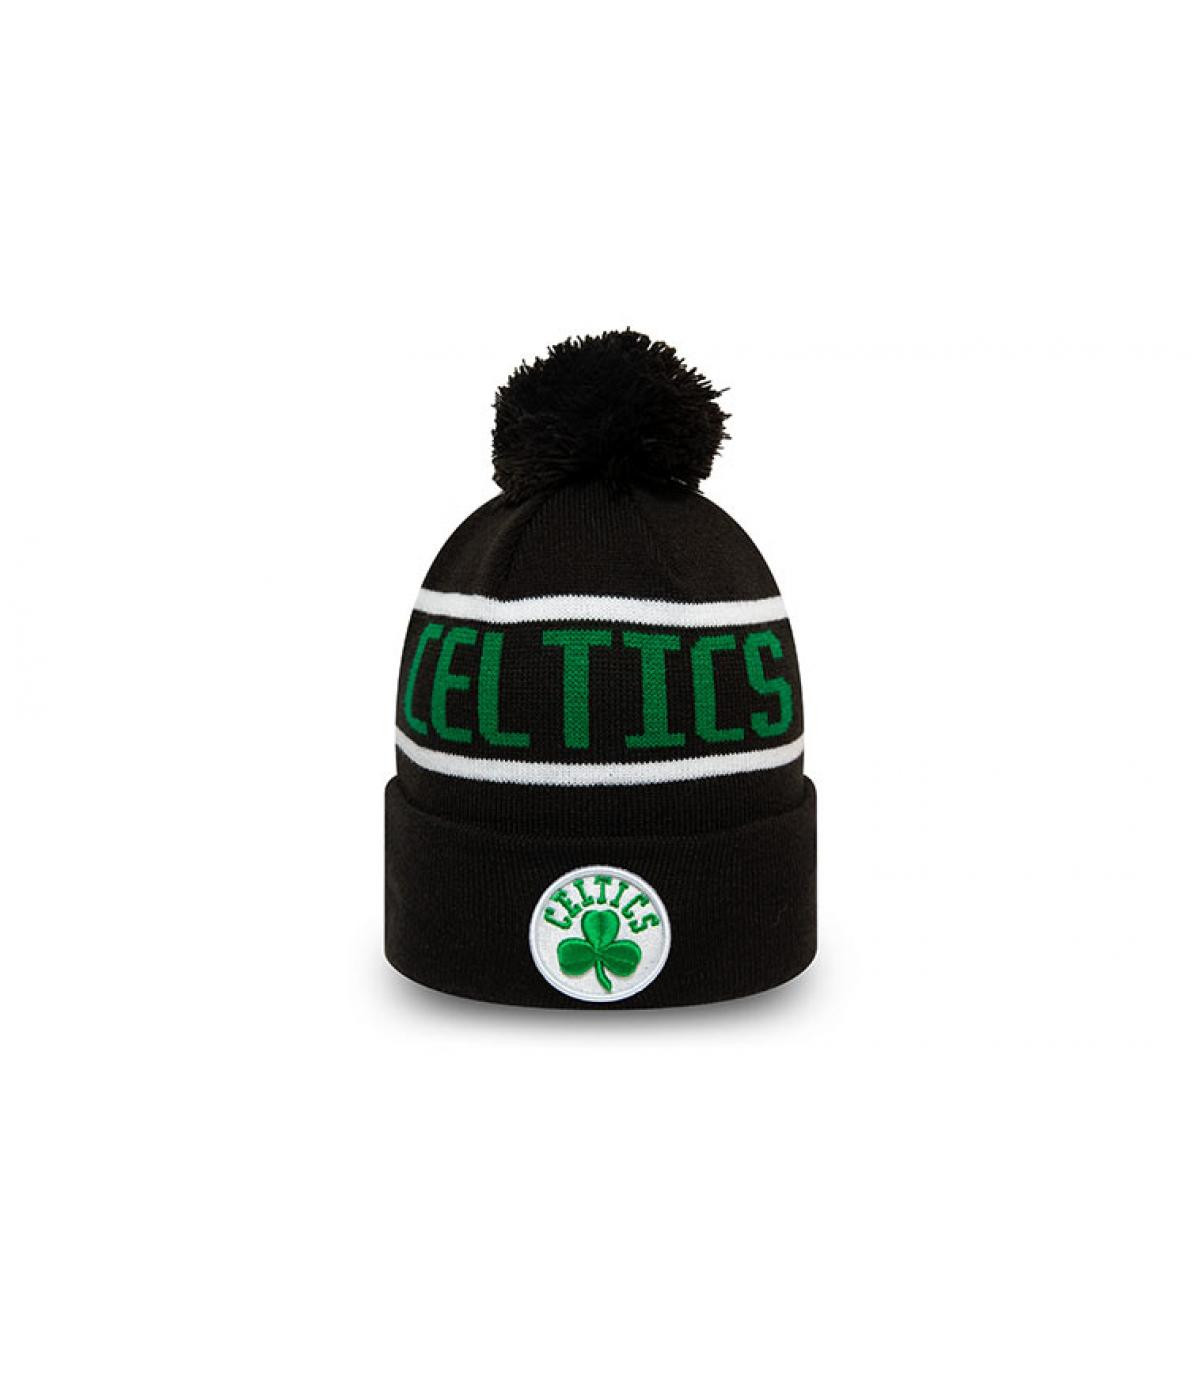 Details Bobble Knit Celtics - afbeeling 2